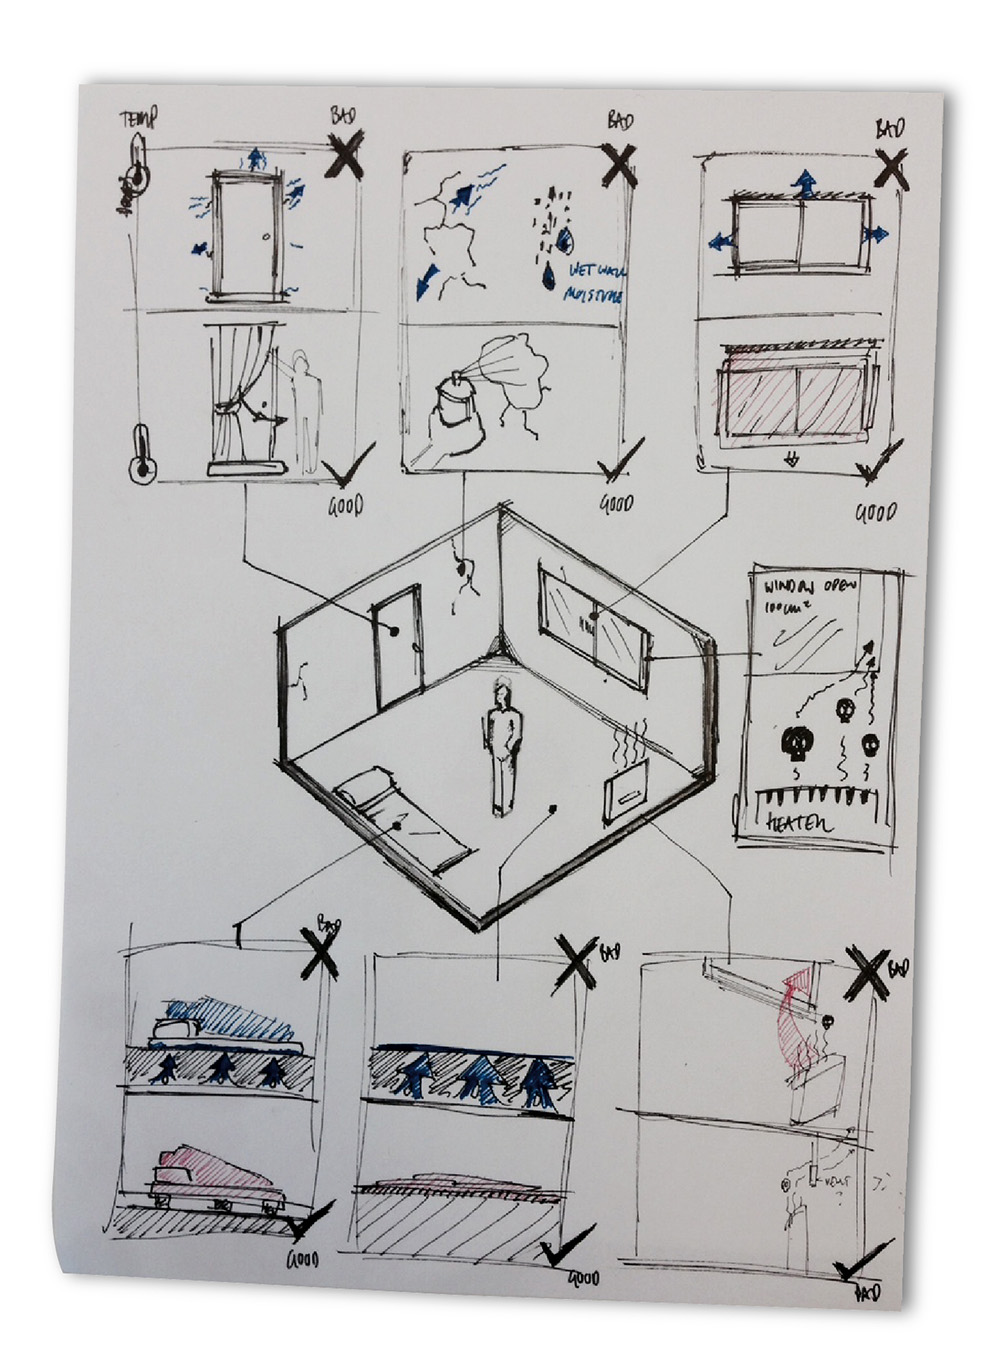 TDL instruction manual illustration